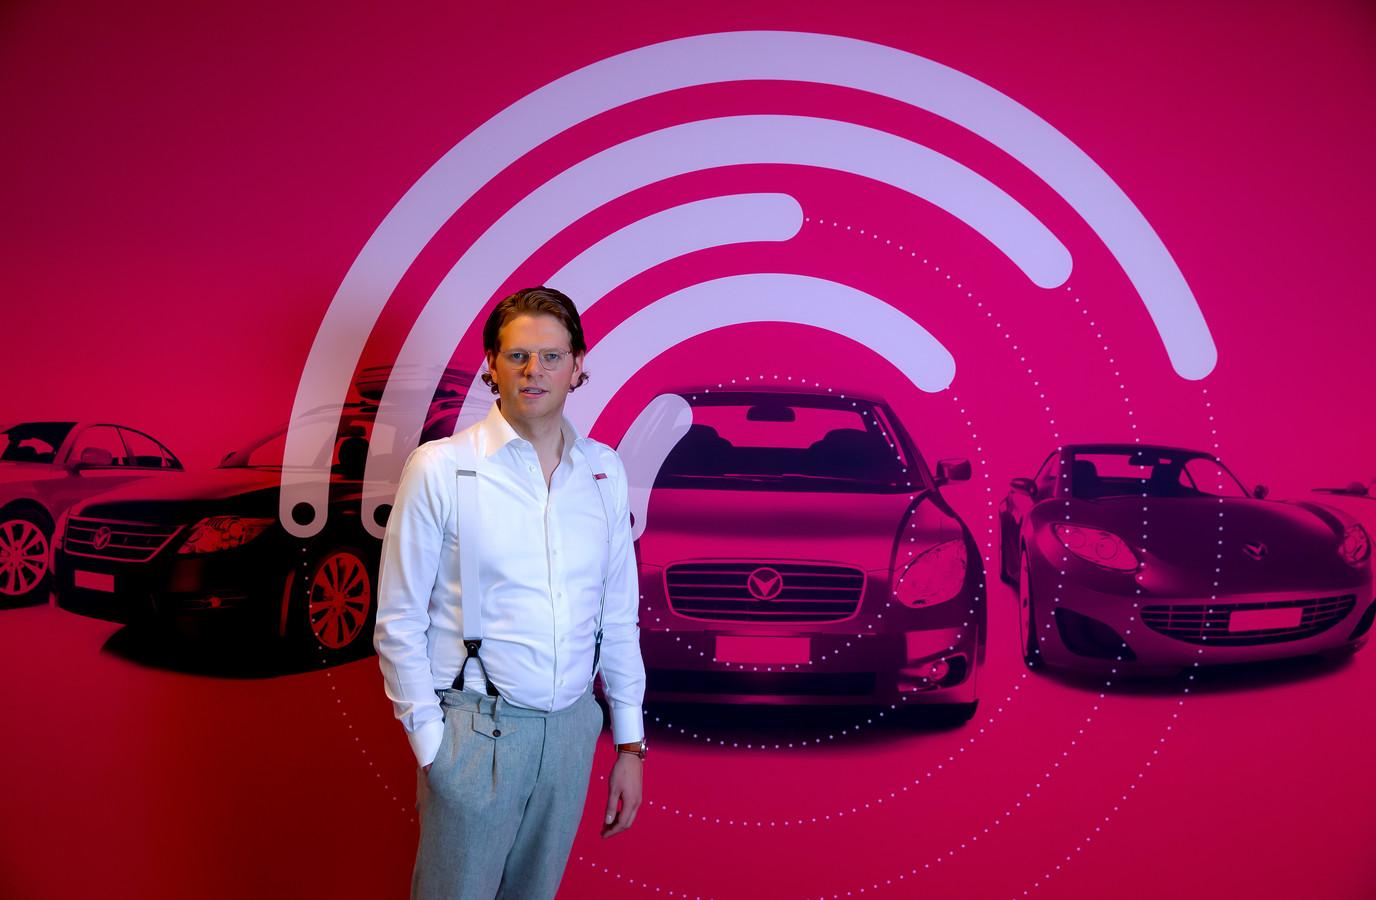 Rico van der Vies, commercieel directeur van AMV